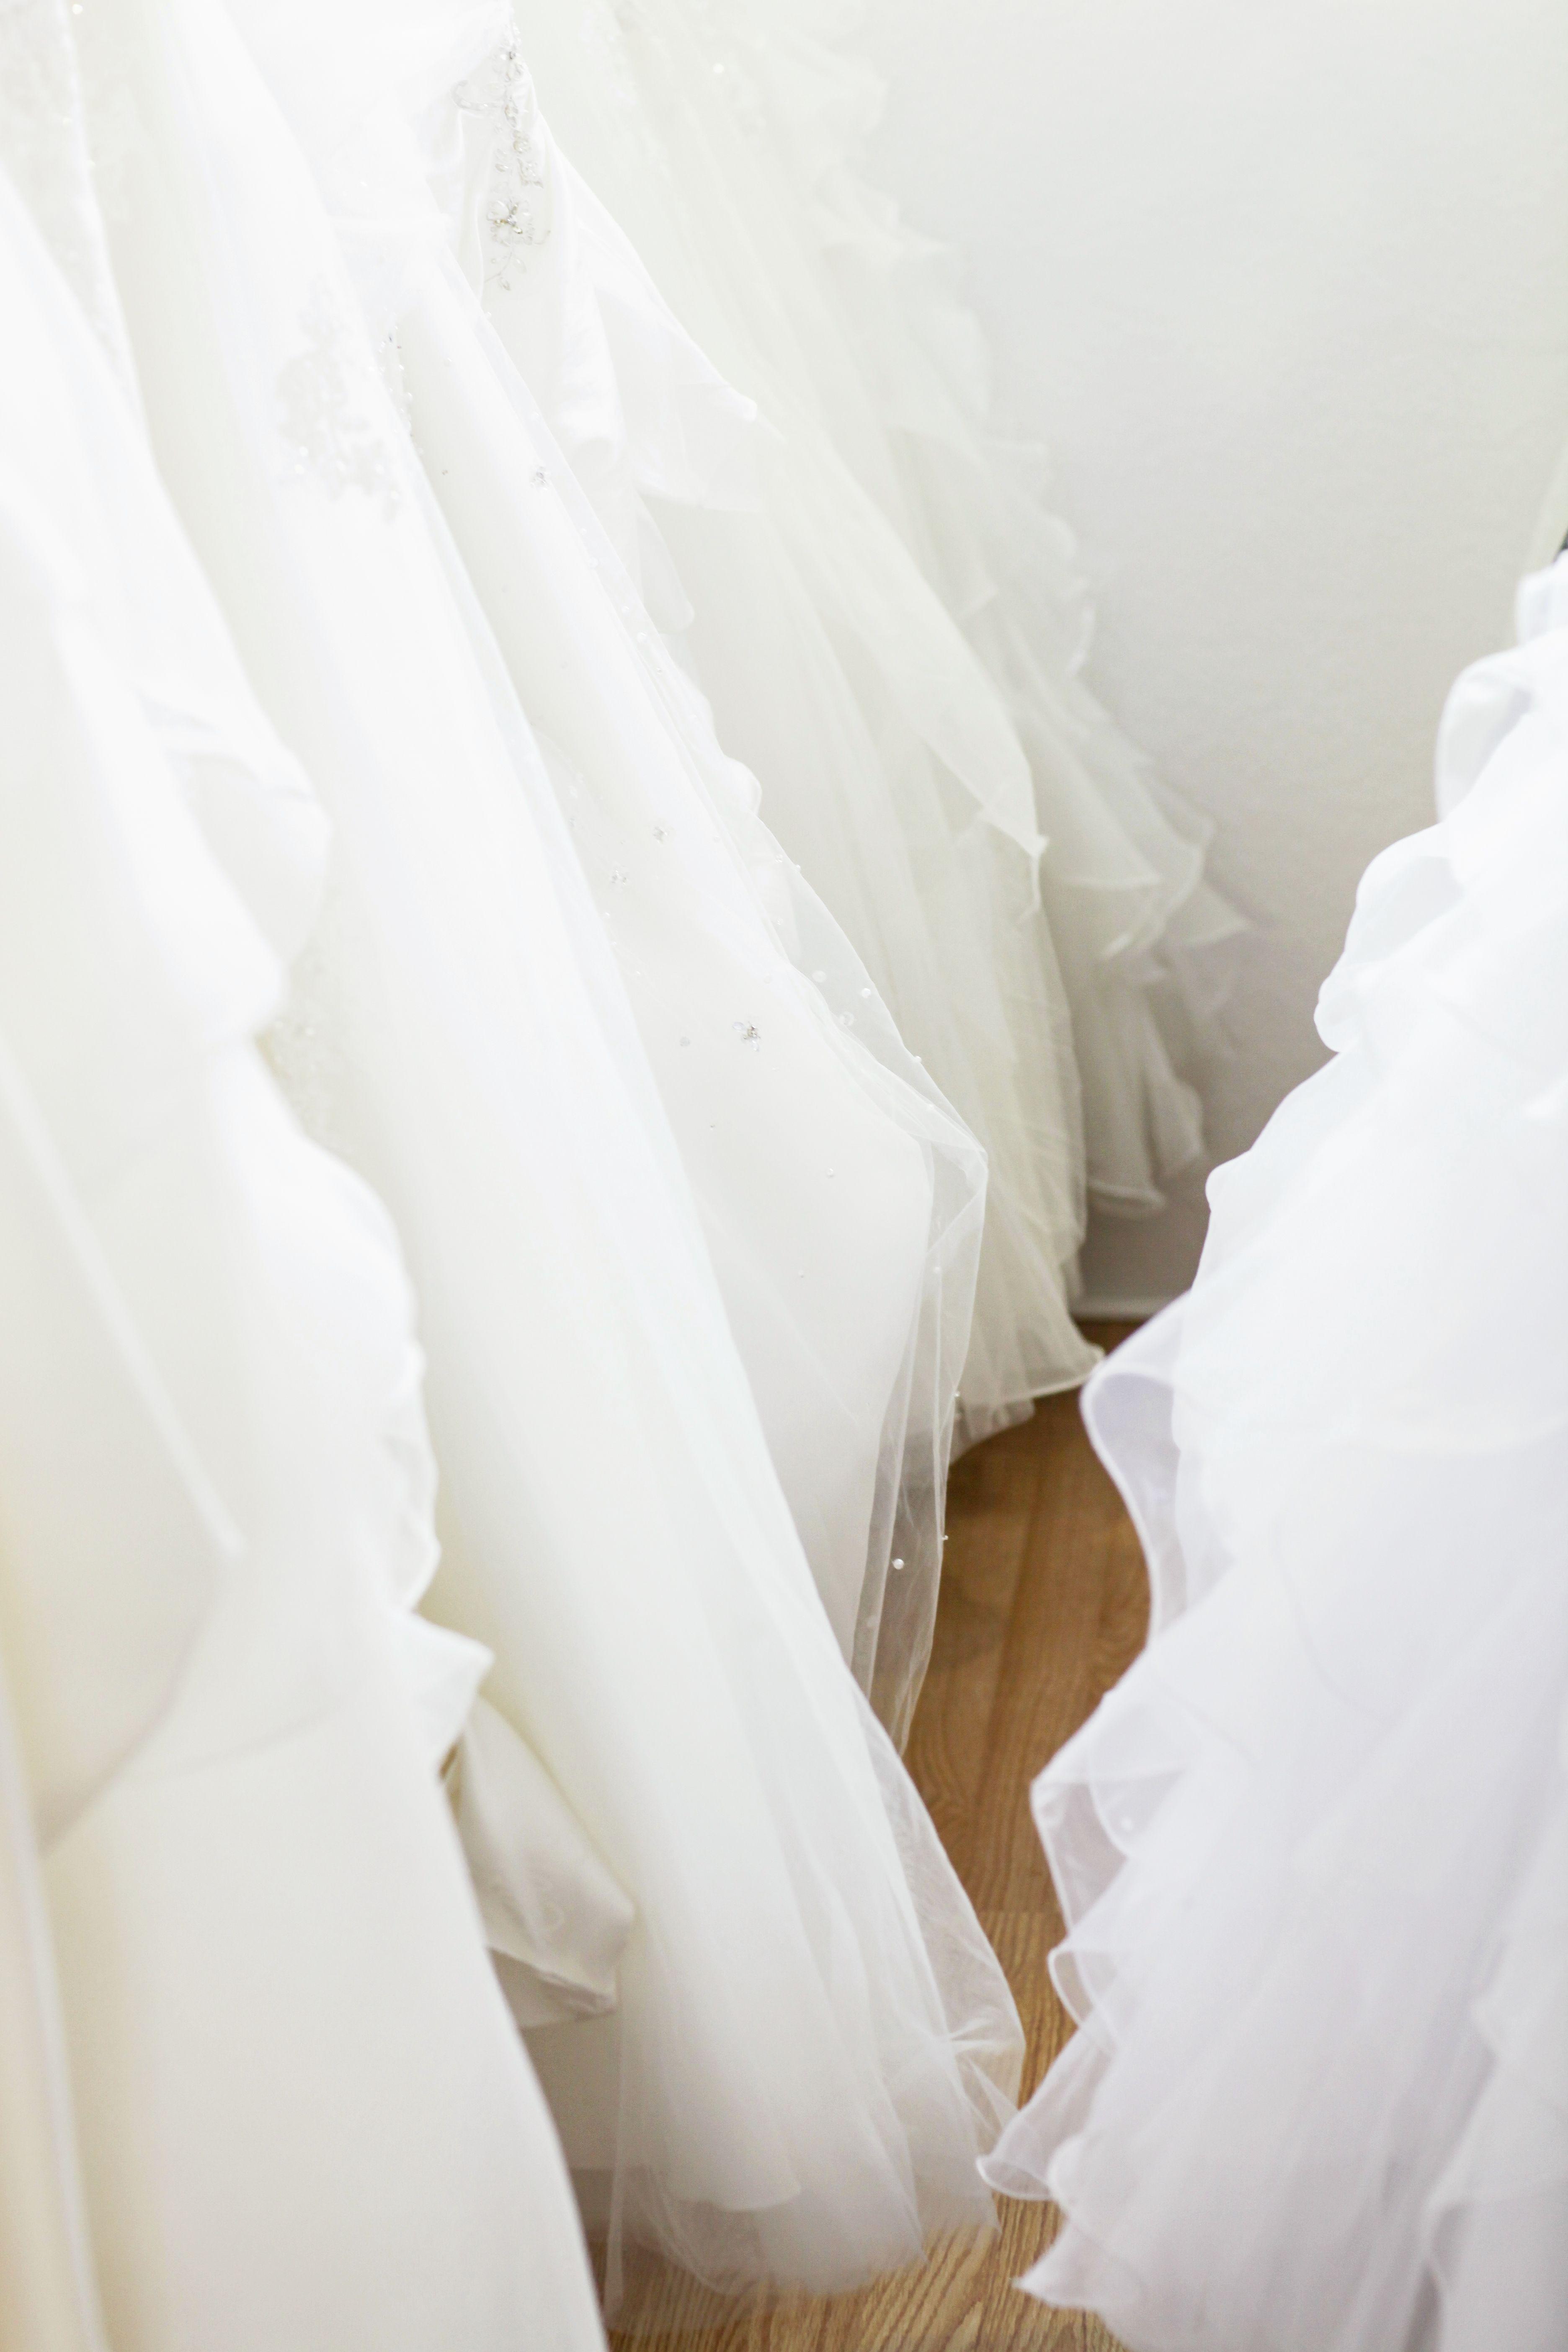 Tolle Suche Brautkleid Fotos - Brautkleider Ideen - cashingy.info